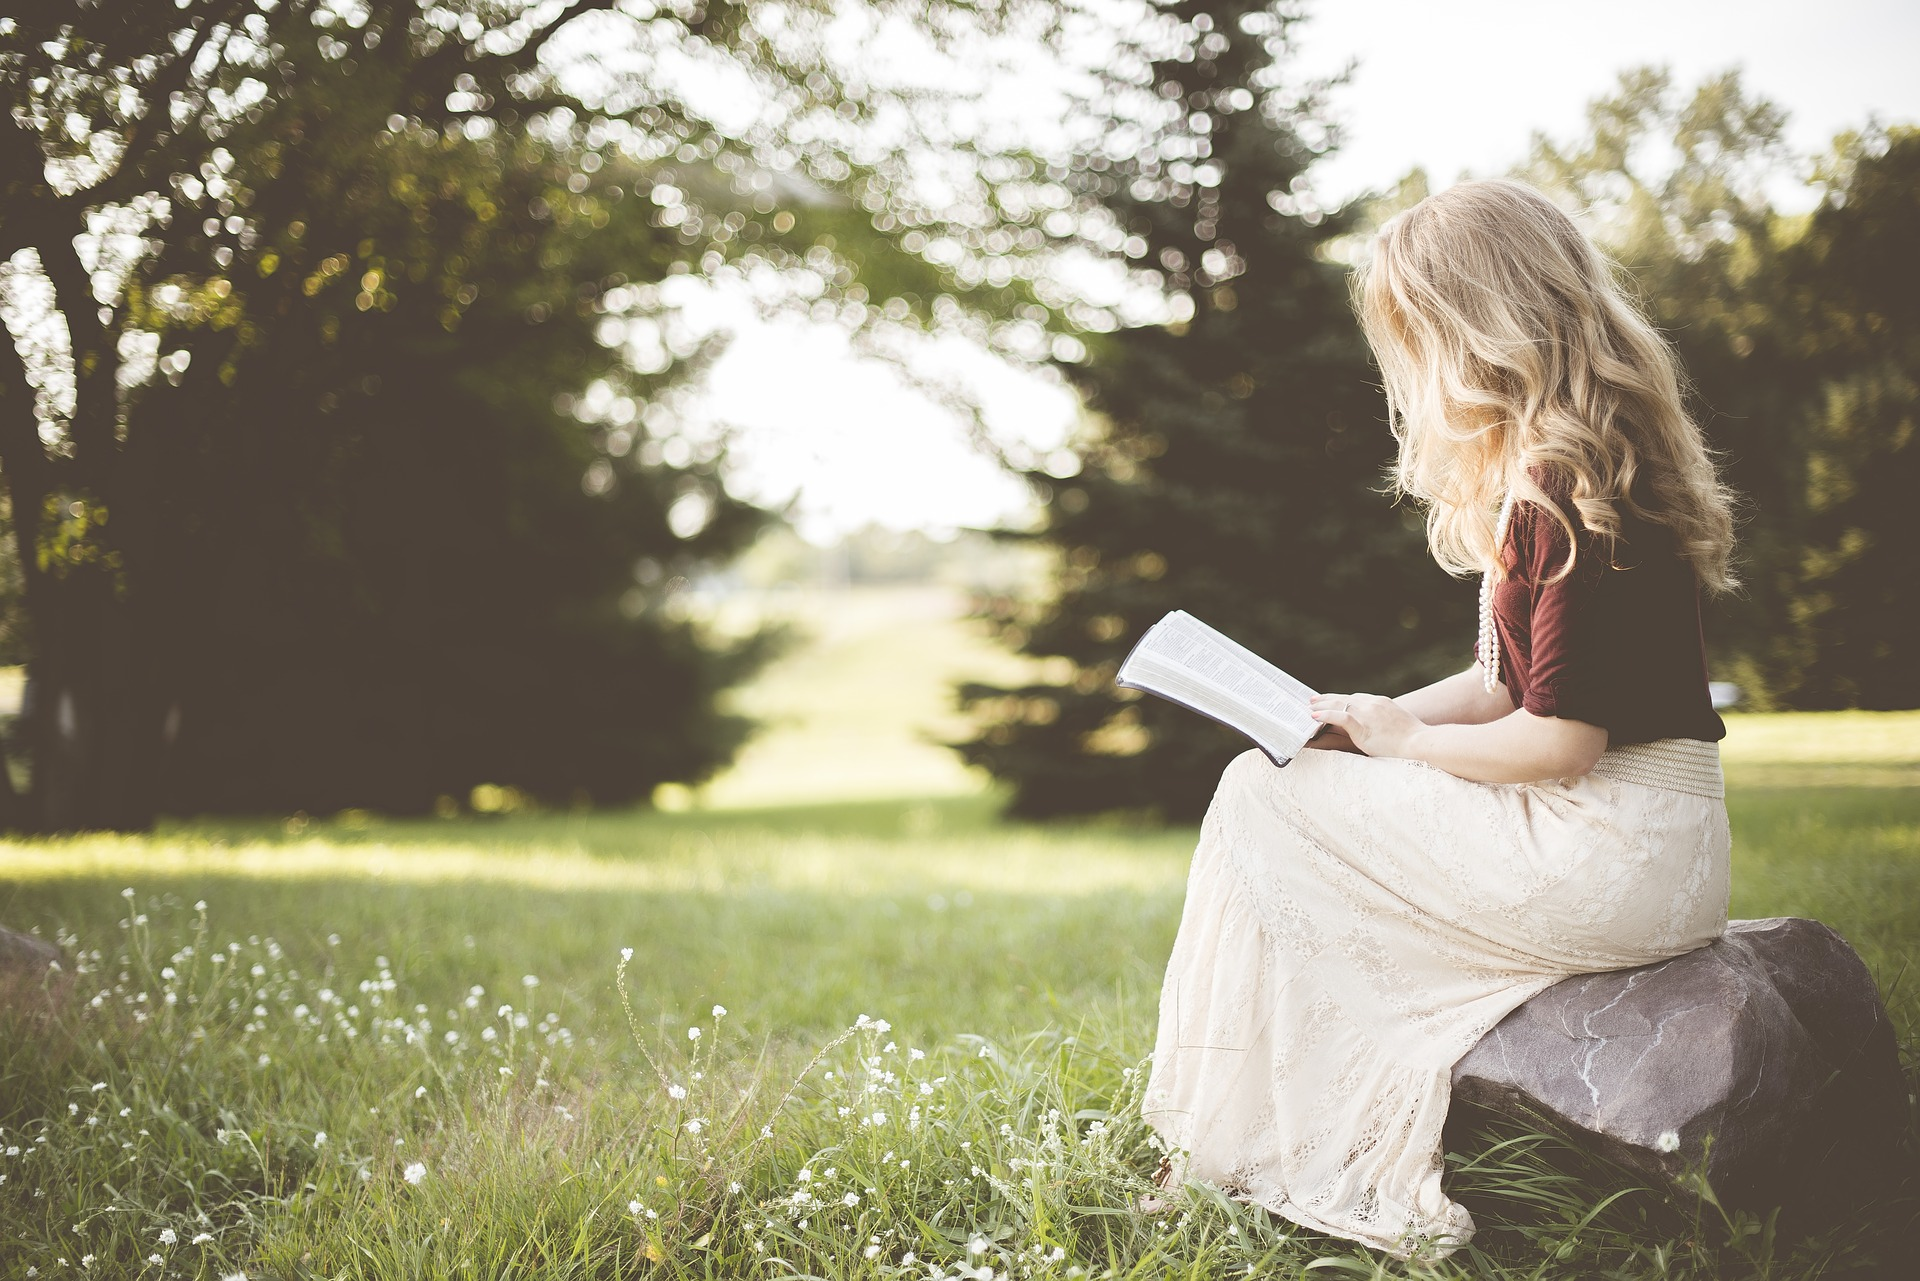 Kertészkedésre költünk többet vagy könyvekre? – Beszélő számok a háztartások kultúrára, szórakozásra szánt kiadásairól